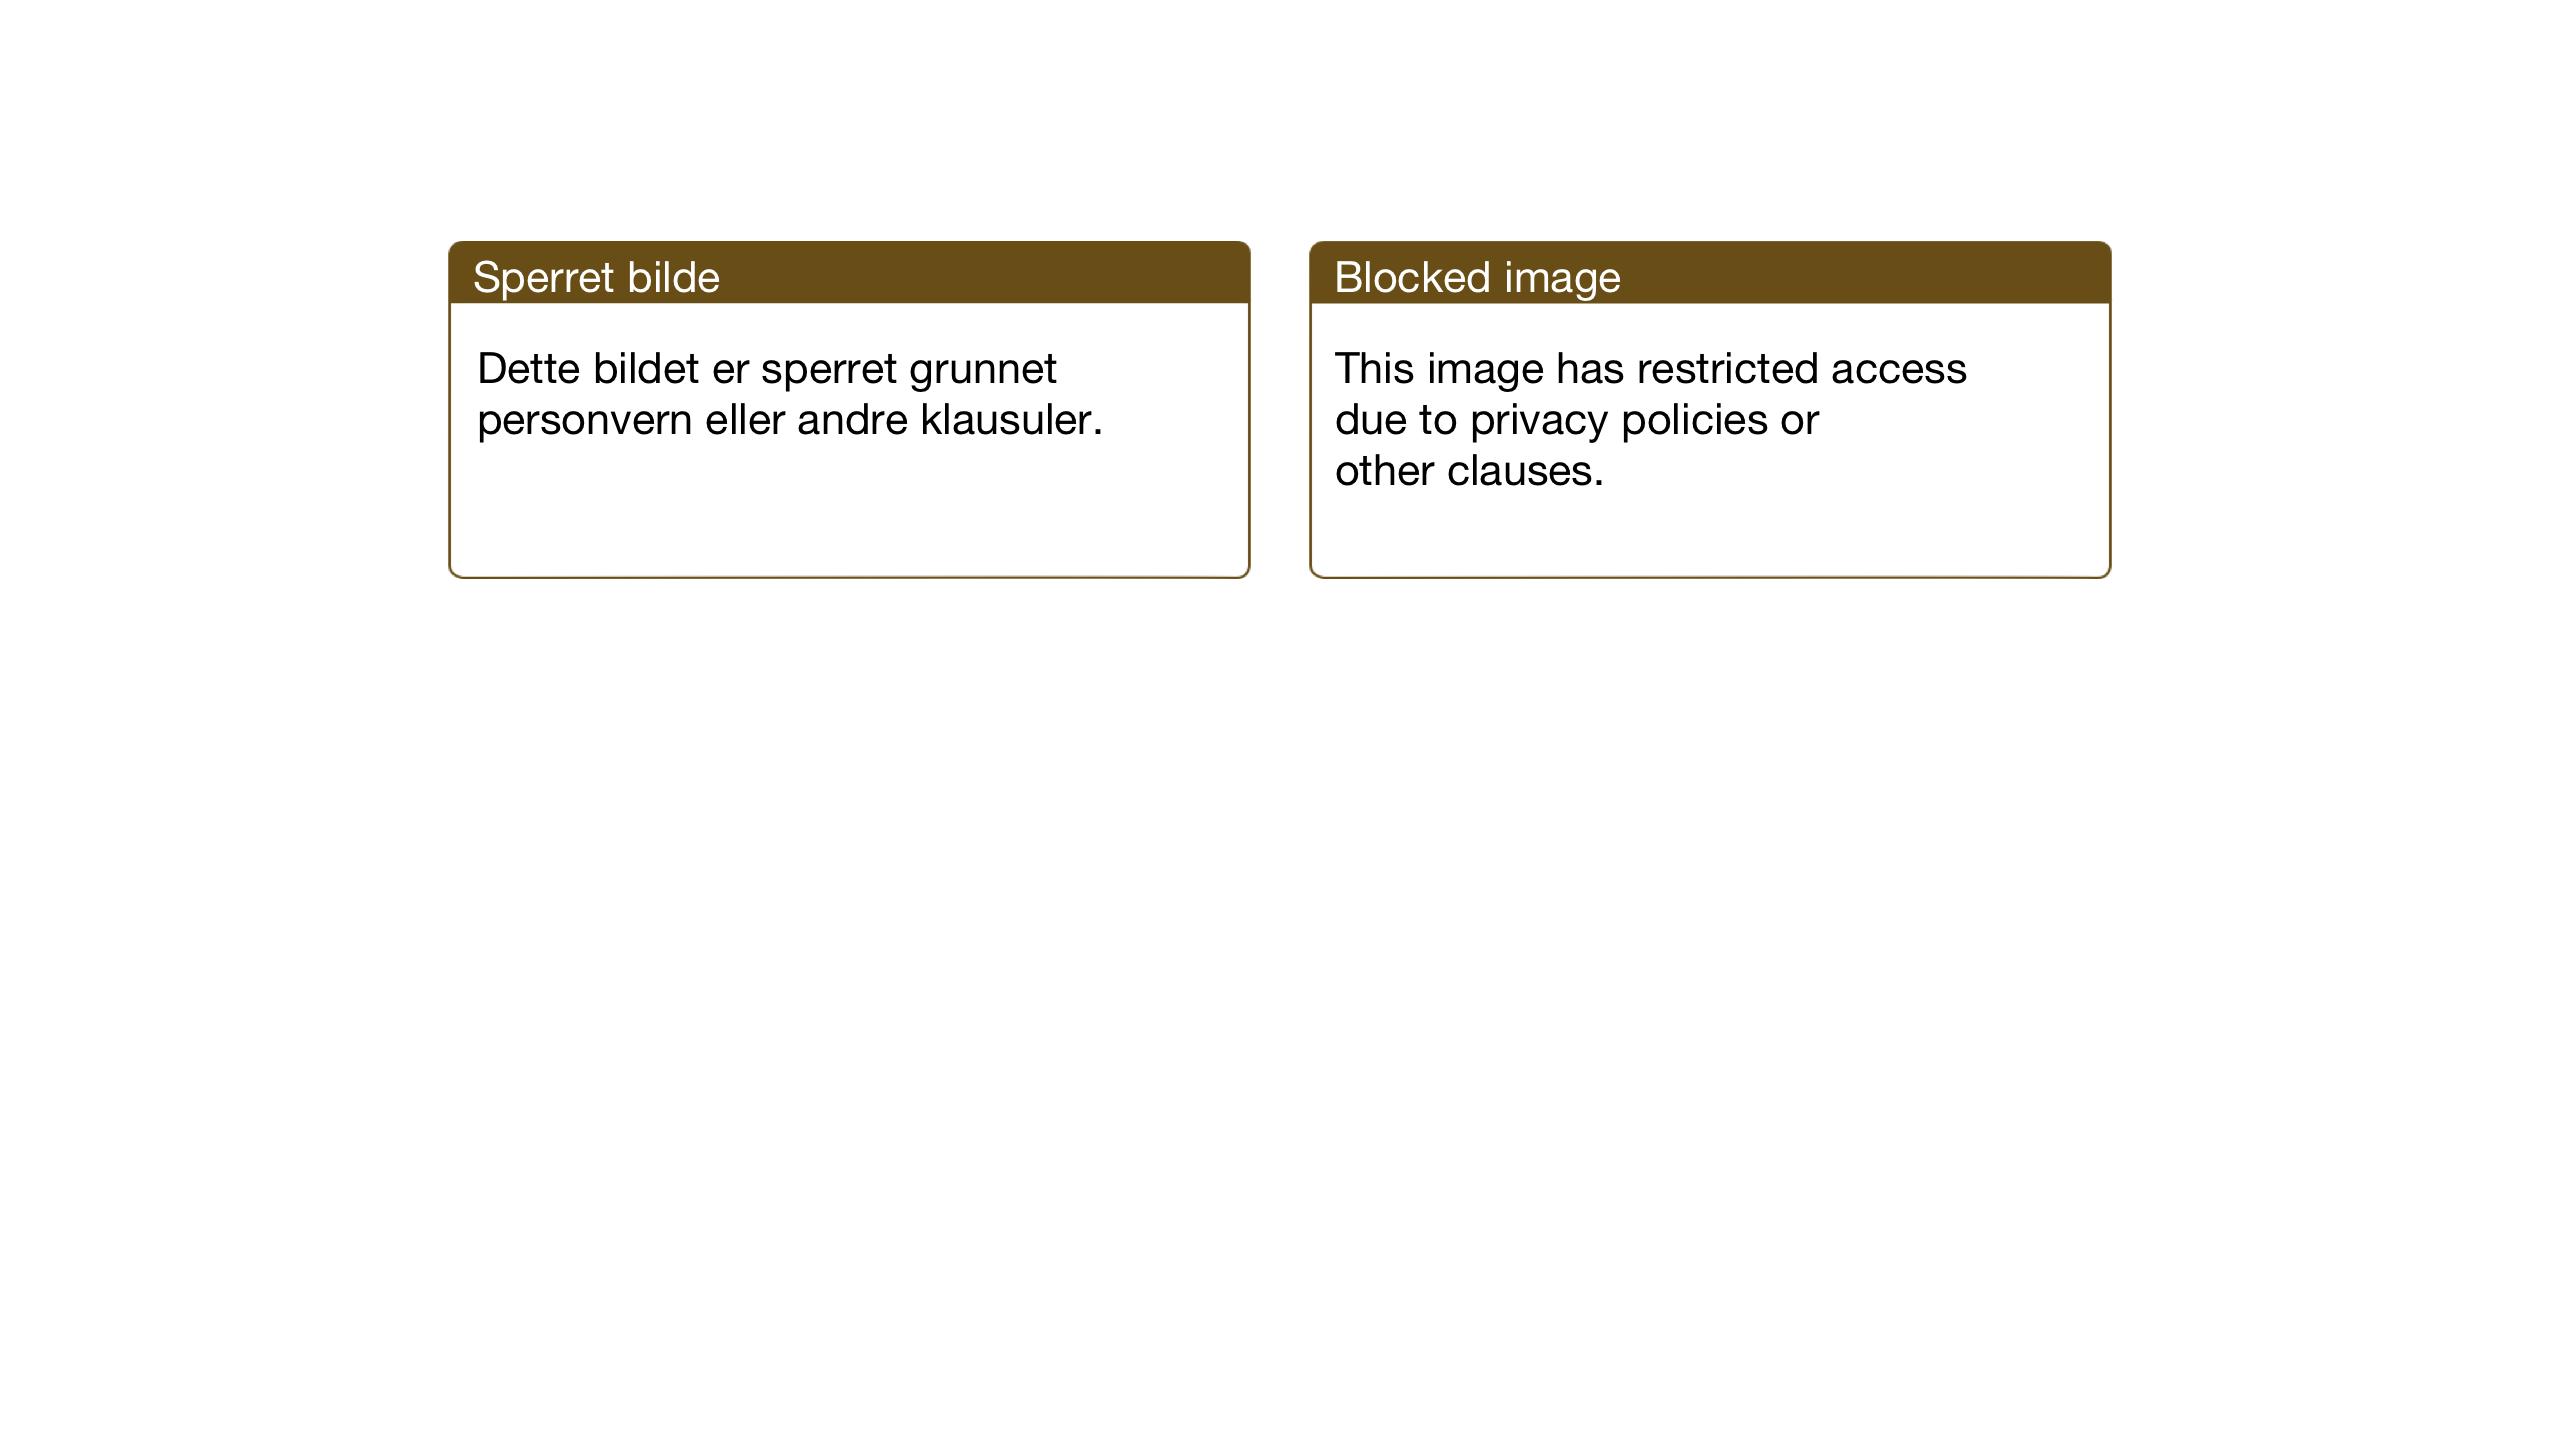 SAT, Ministerialprotokoller, klokkerbøker og fødselsregistre - Nord-Trøndelag, 757/L0507: Klokkerbok nr. 757C02, 1923-1939, s. 19